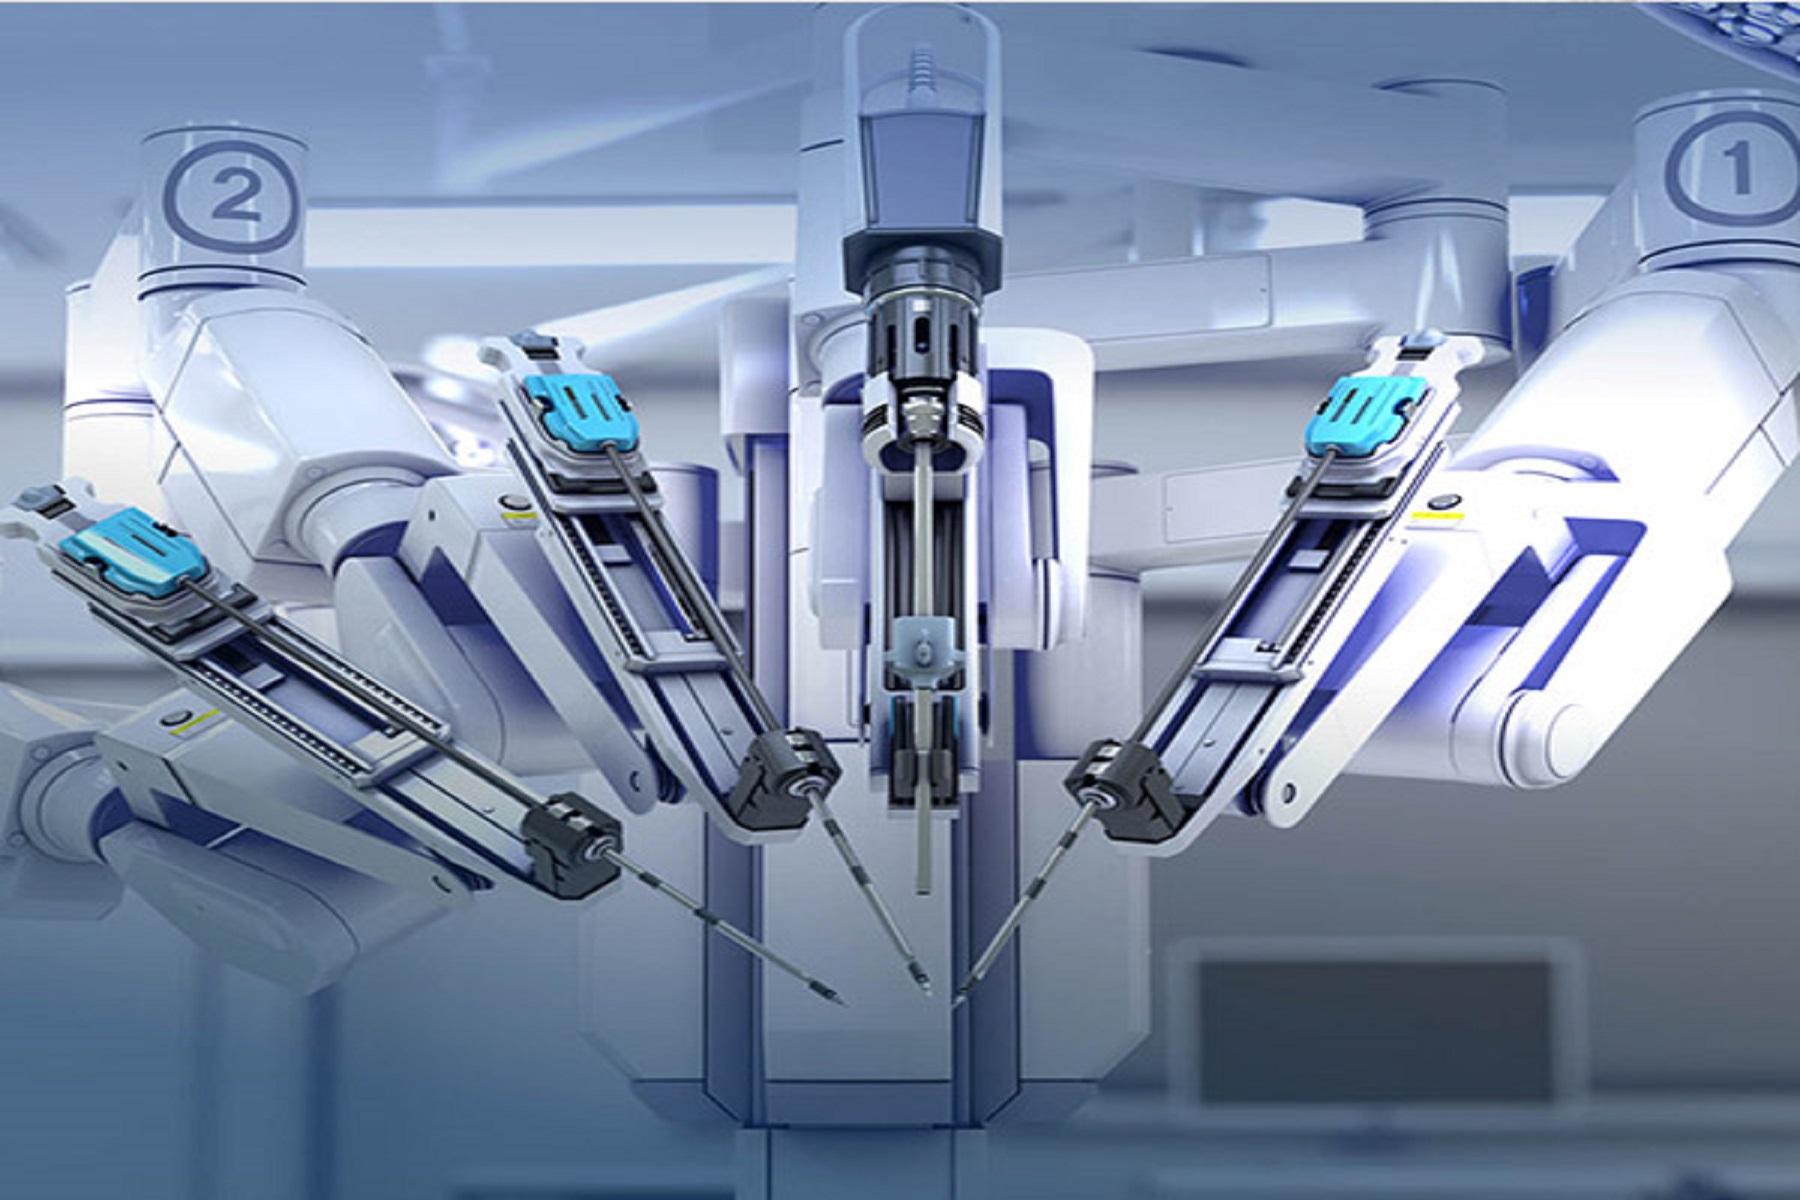 Μαλακή Ρομποτική: Αναπτυσσόμενο επιστημονικό πεδίο για σειρά εφαρμογών όπως η λαπαροσκοπική χειρουργική επέμβαση